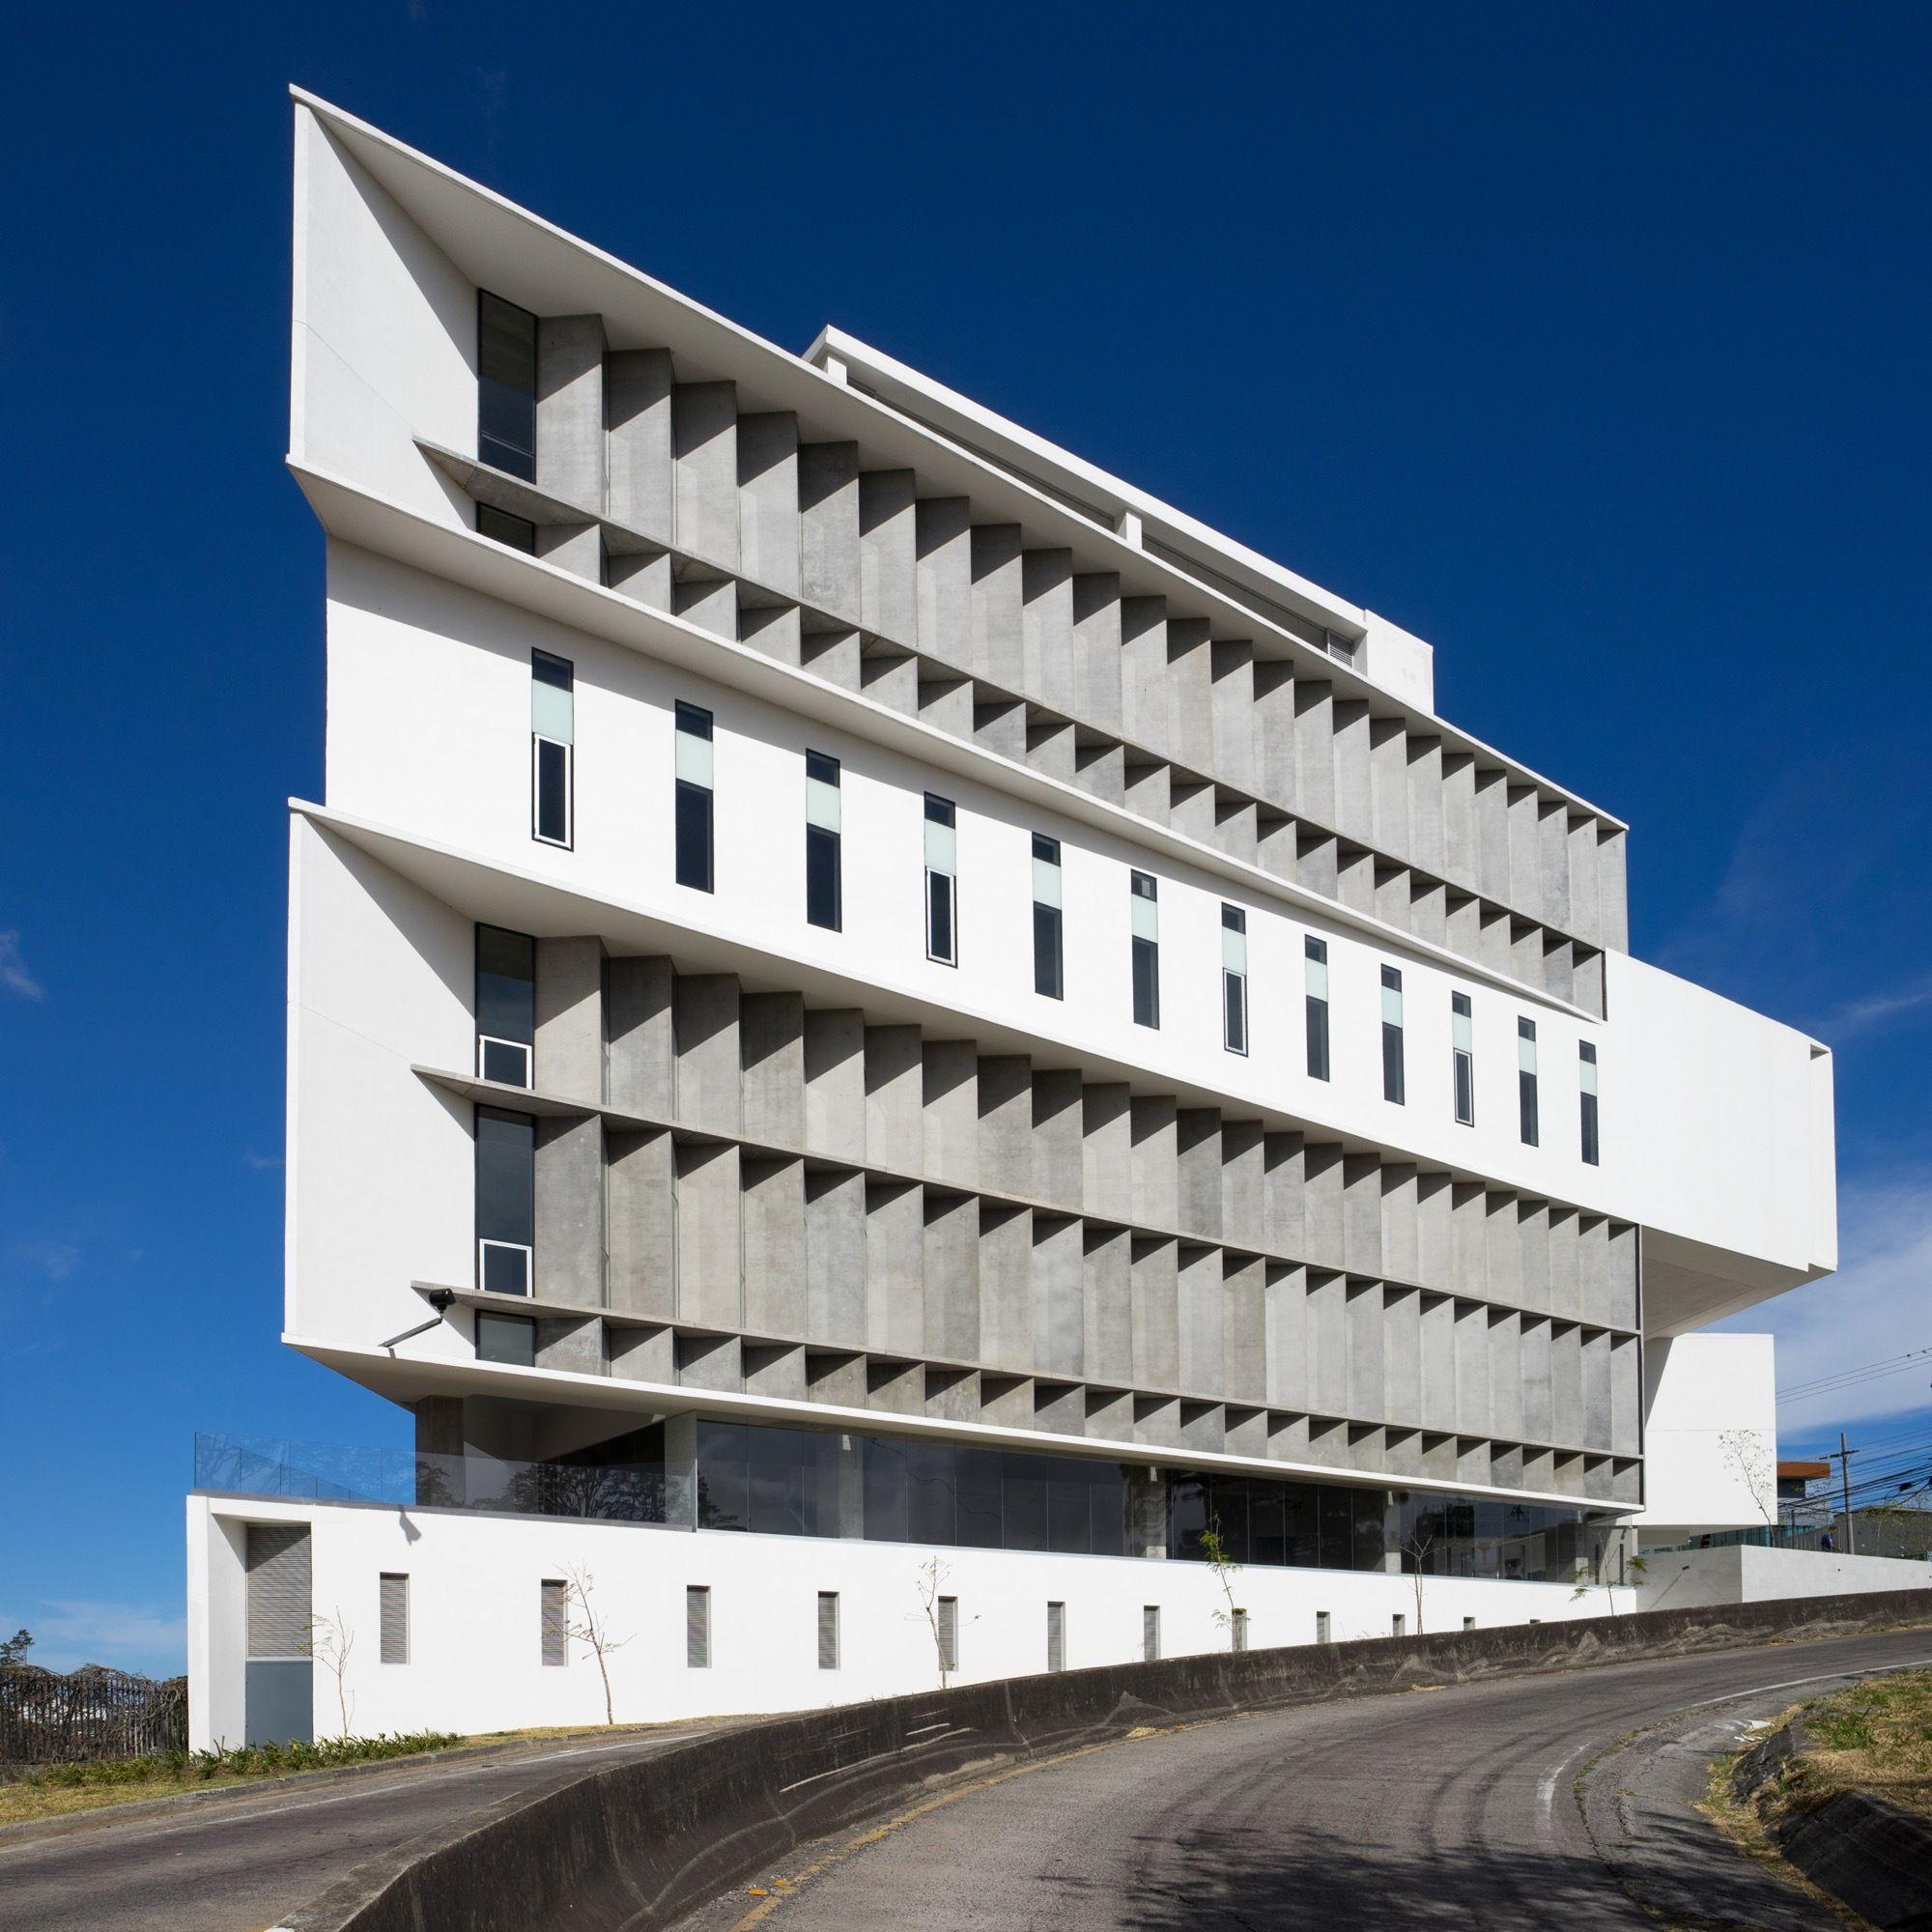 Construido en 2017 en tibas costa rica imagenes por sebastián alfaro fuscaldo la